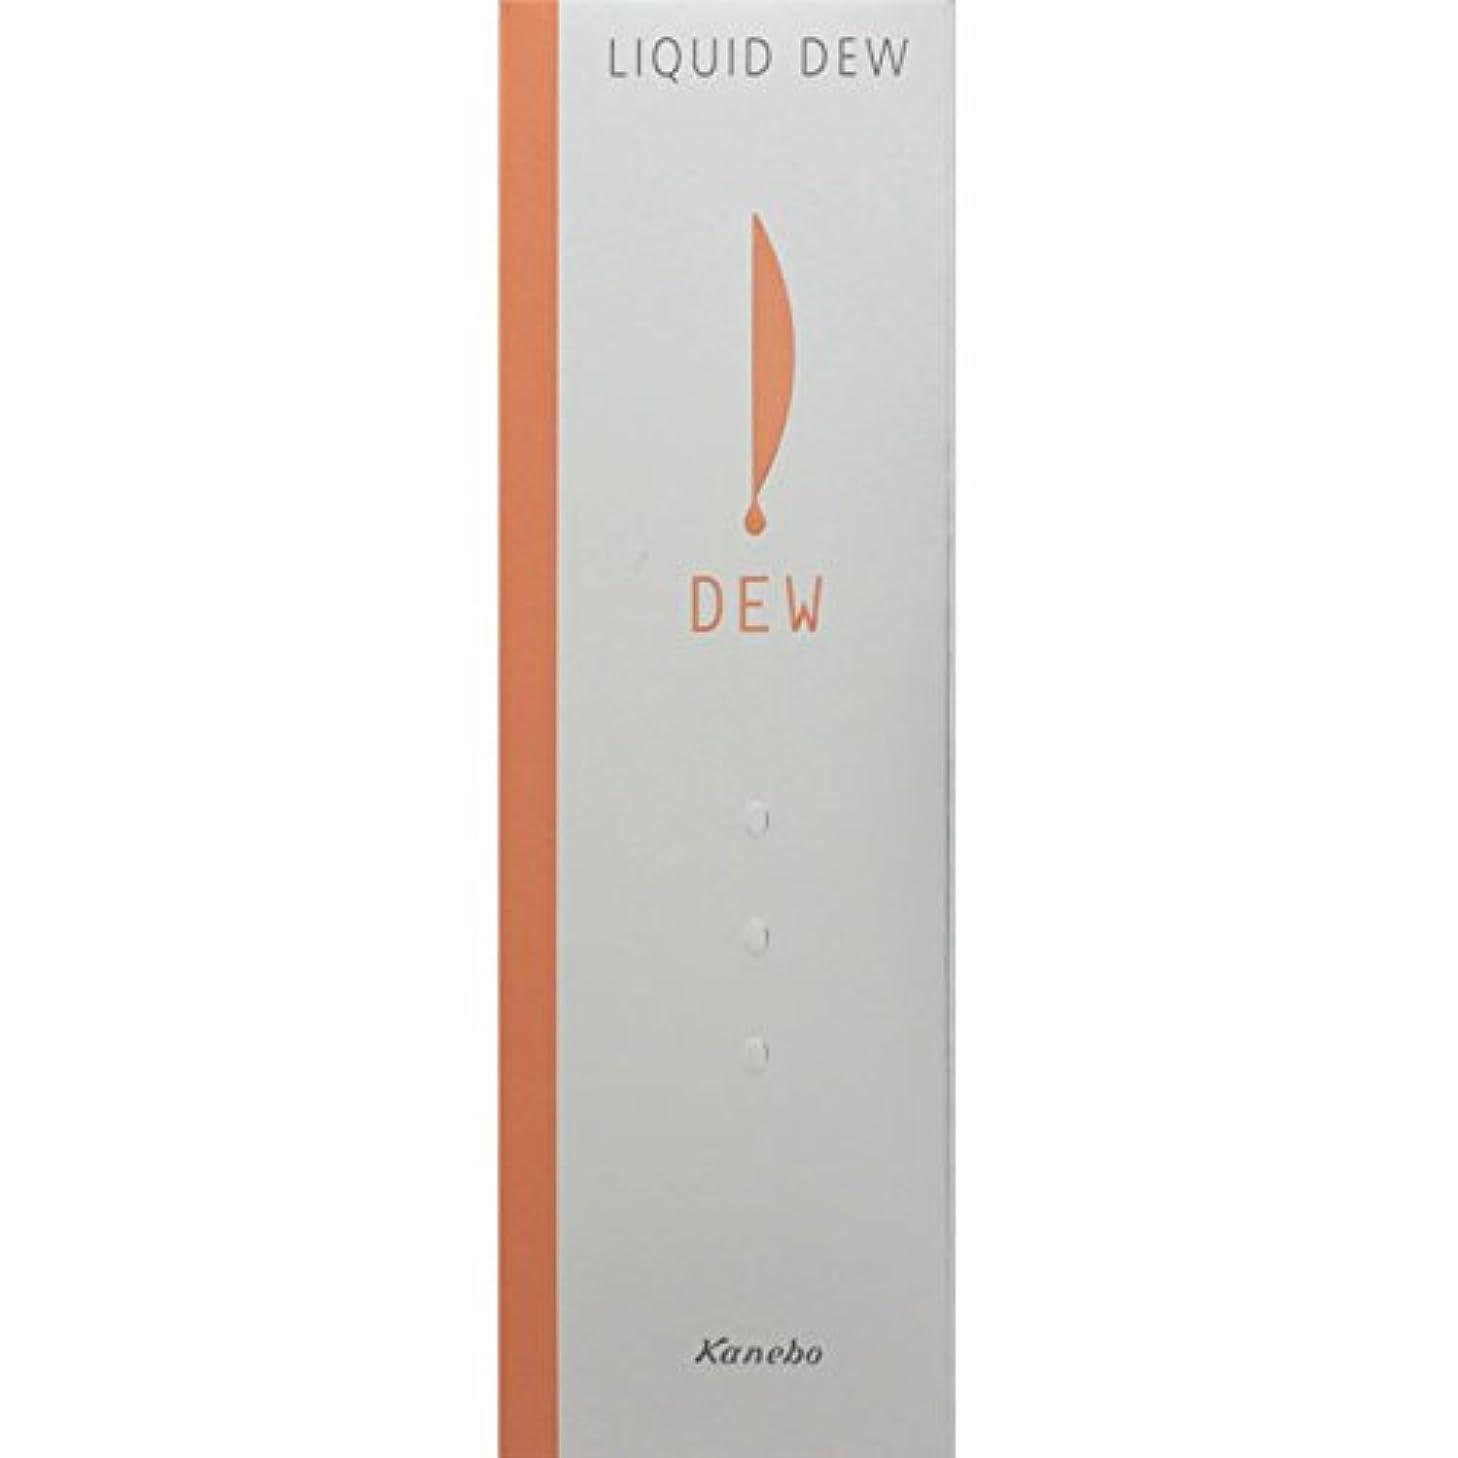 匹敵します最終的にプランターカネボウ DEW リクイドデュウ【オークルB】(保湿液?ファンデーション